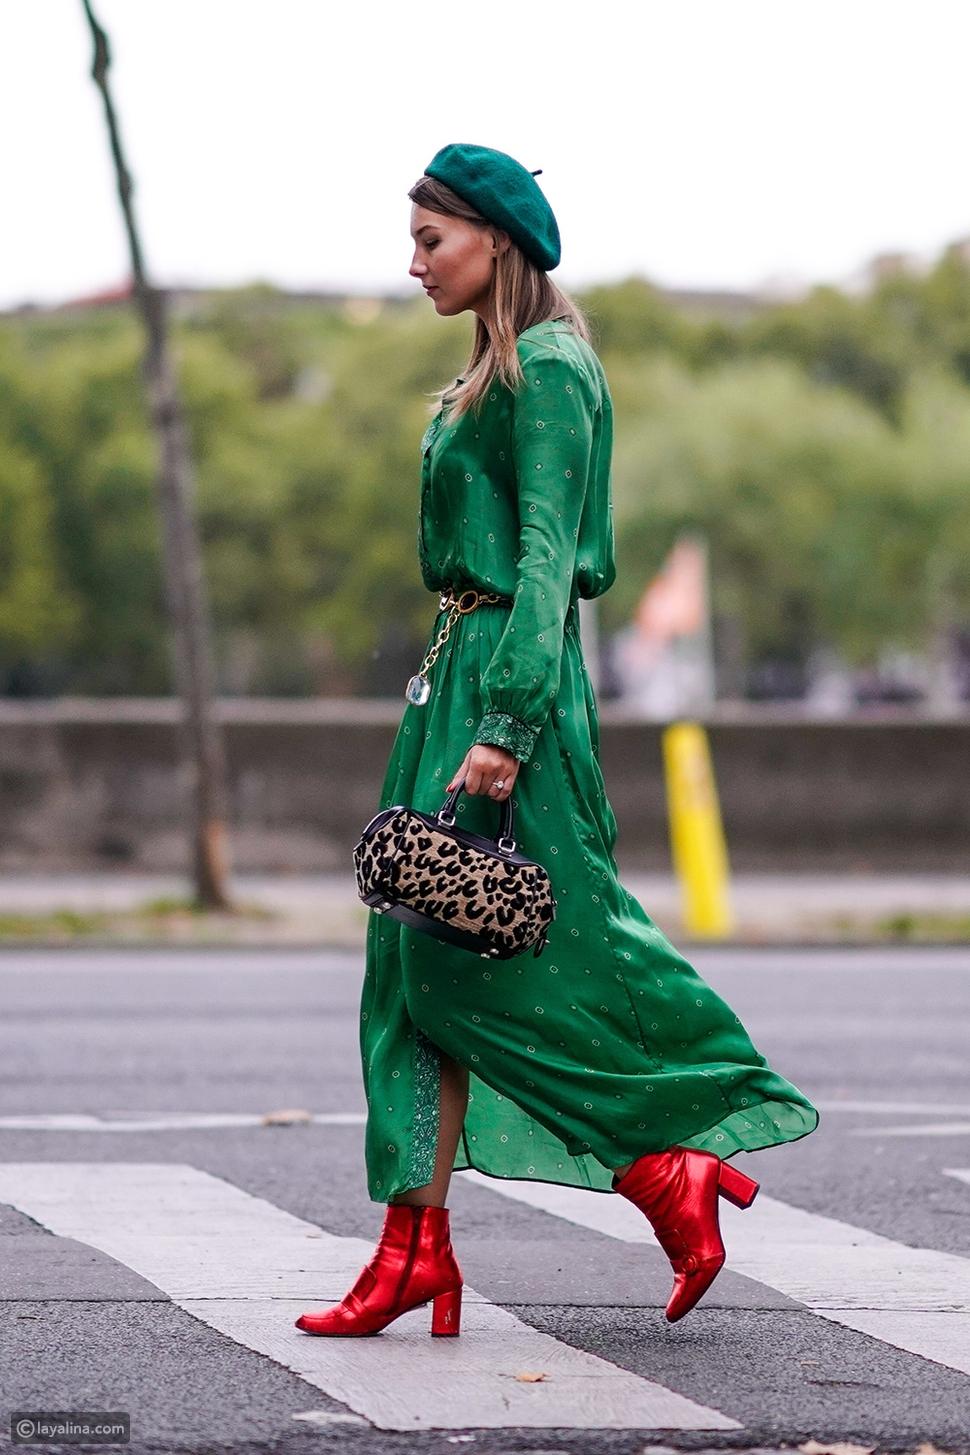 إطلالة باللون الأخضر الامع